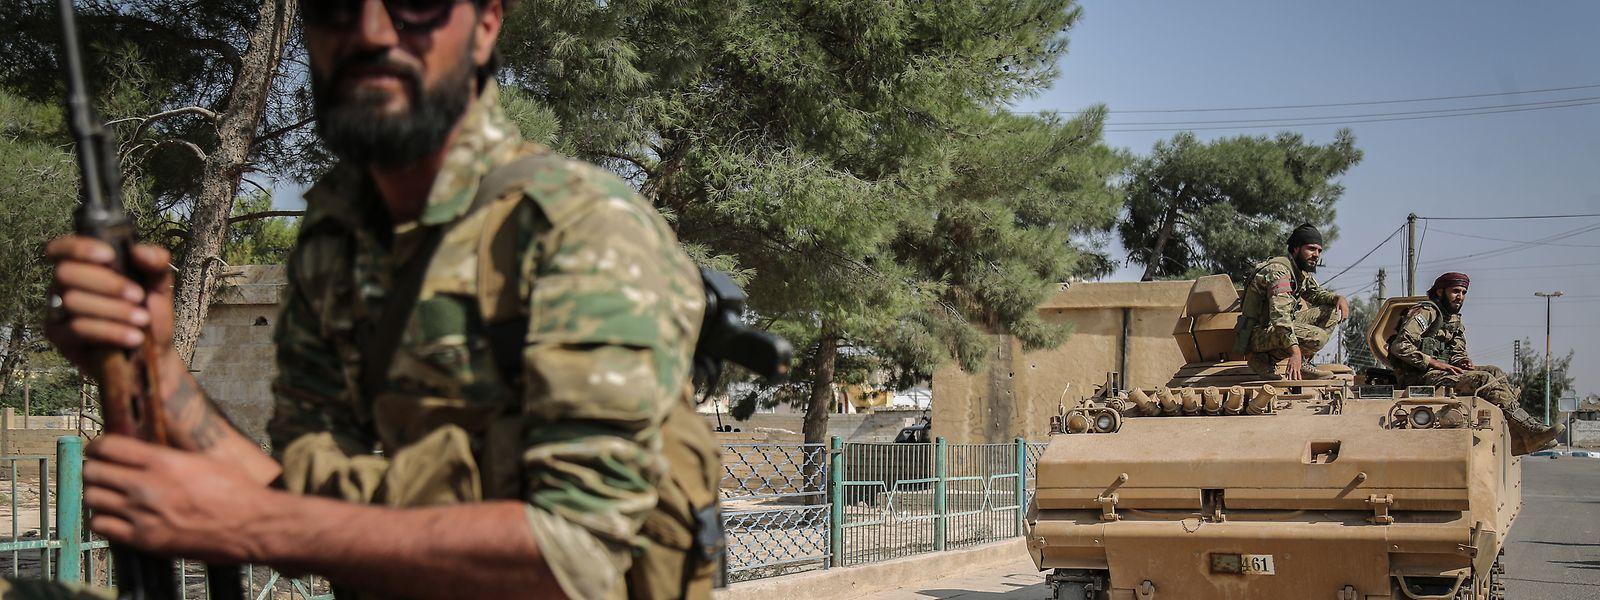 Soldaten der syrischen Nationalarmee patrouillieren nach Zusammenstößen mit kurdischen Soldaten mit einem Panzer auf einer Straße.